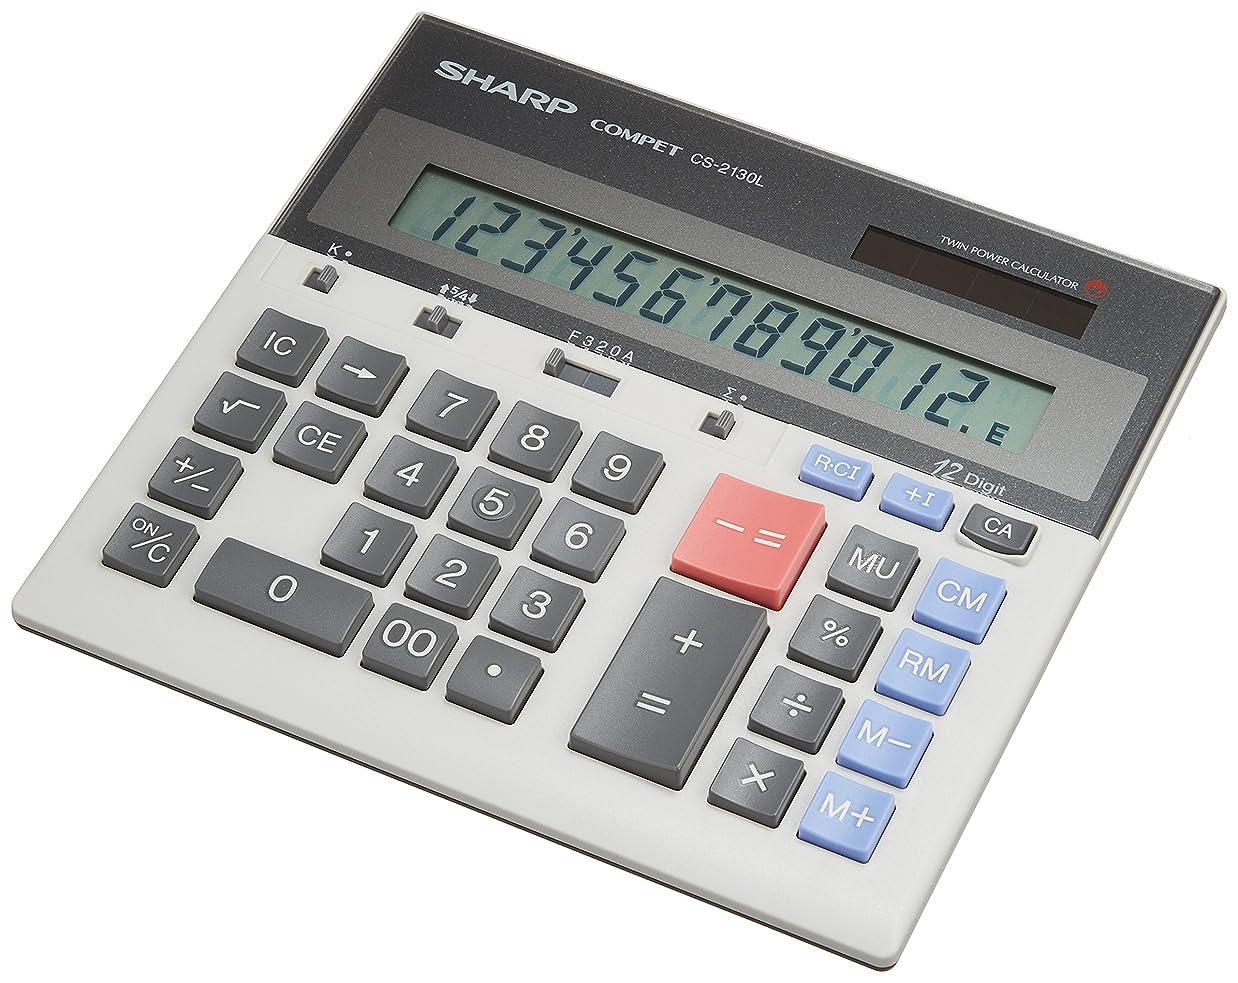 一瞬分析治世シャープ 実務電卓 デスクトップタイプ 12桁 CS-2130L